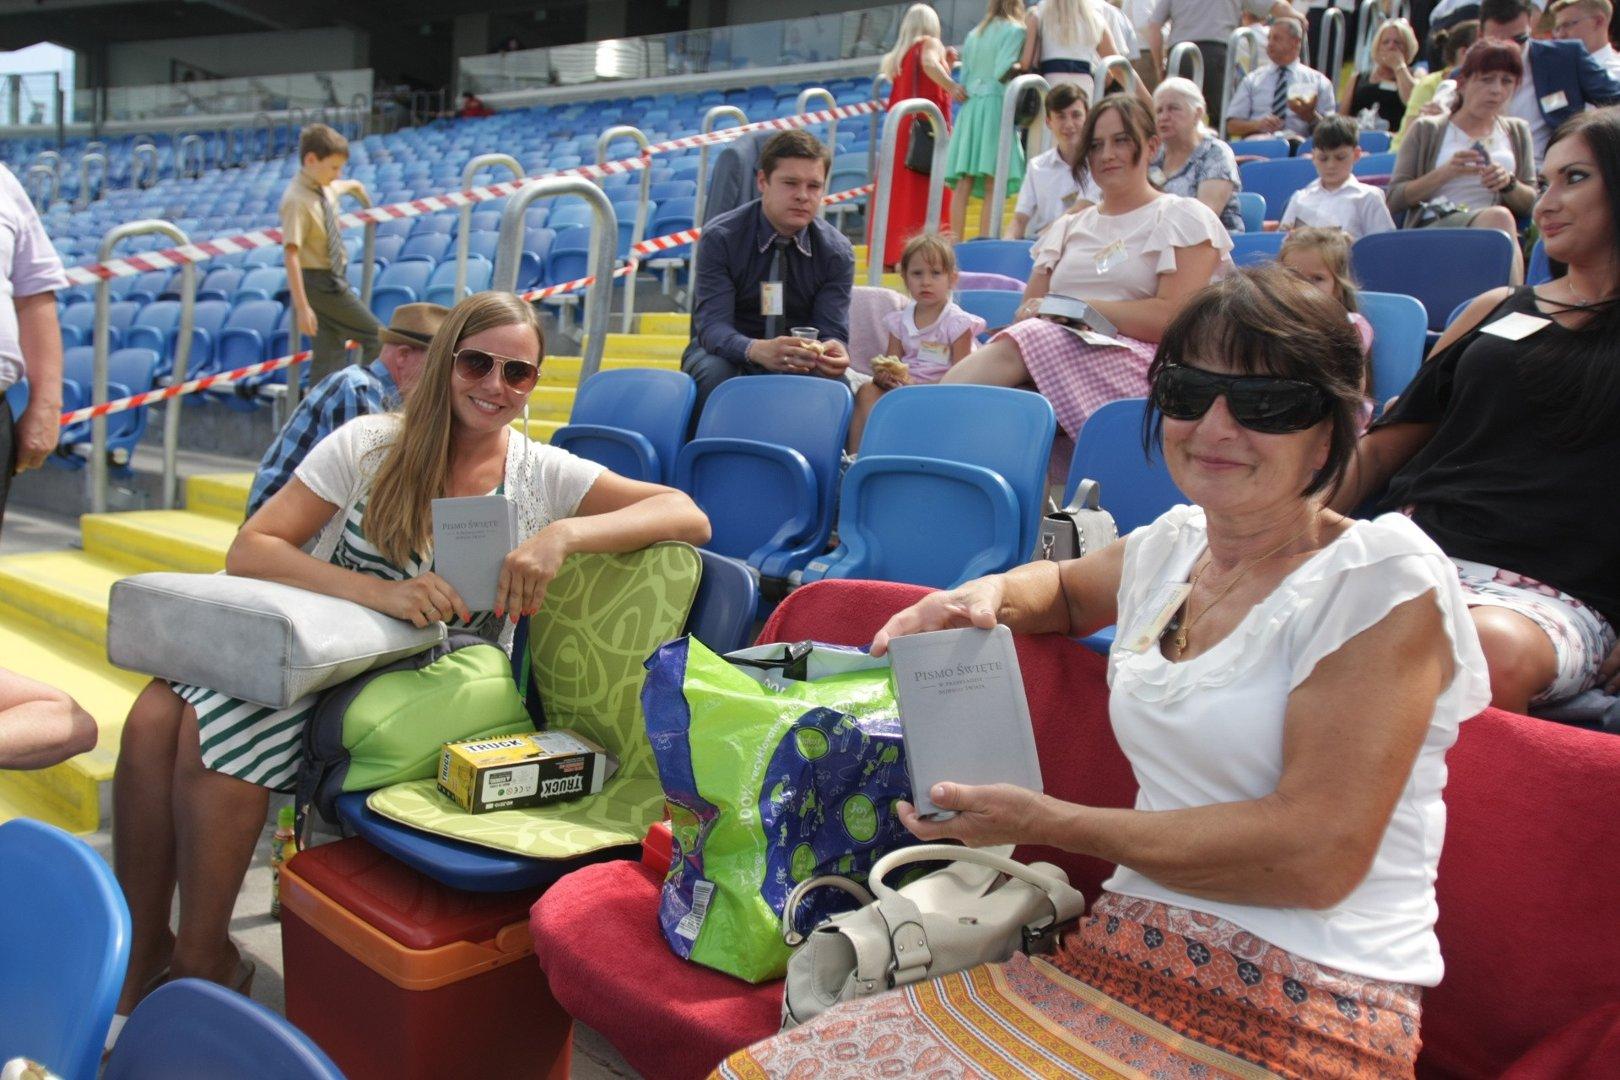 Kongres świadków Jehowy Na Stadionie śląskim Pod Hasłem Bądź